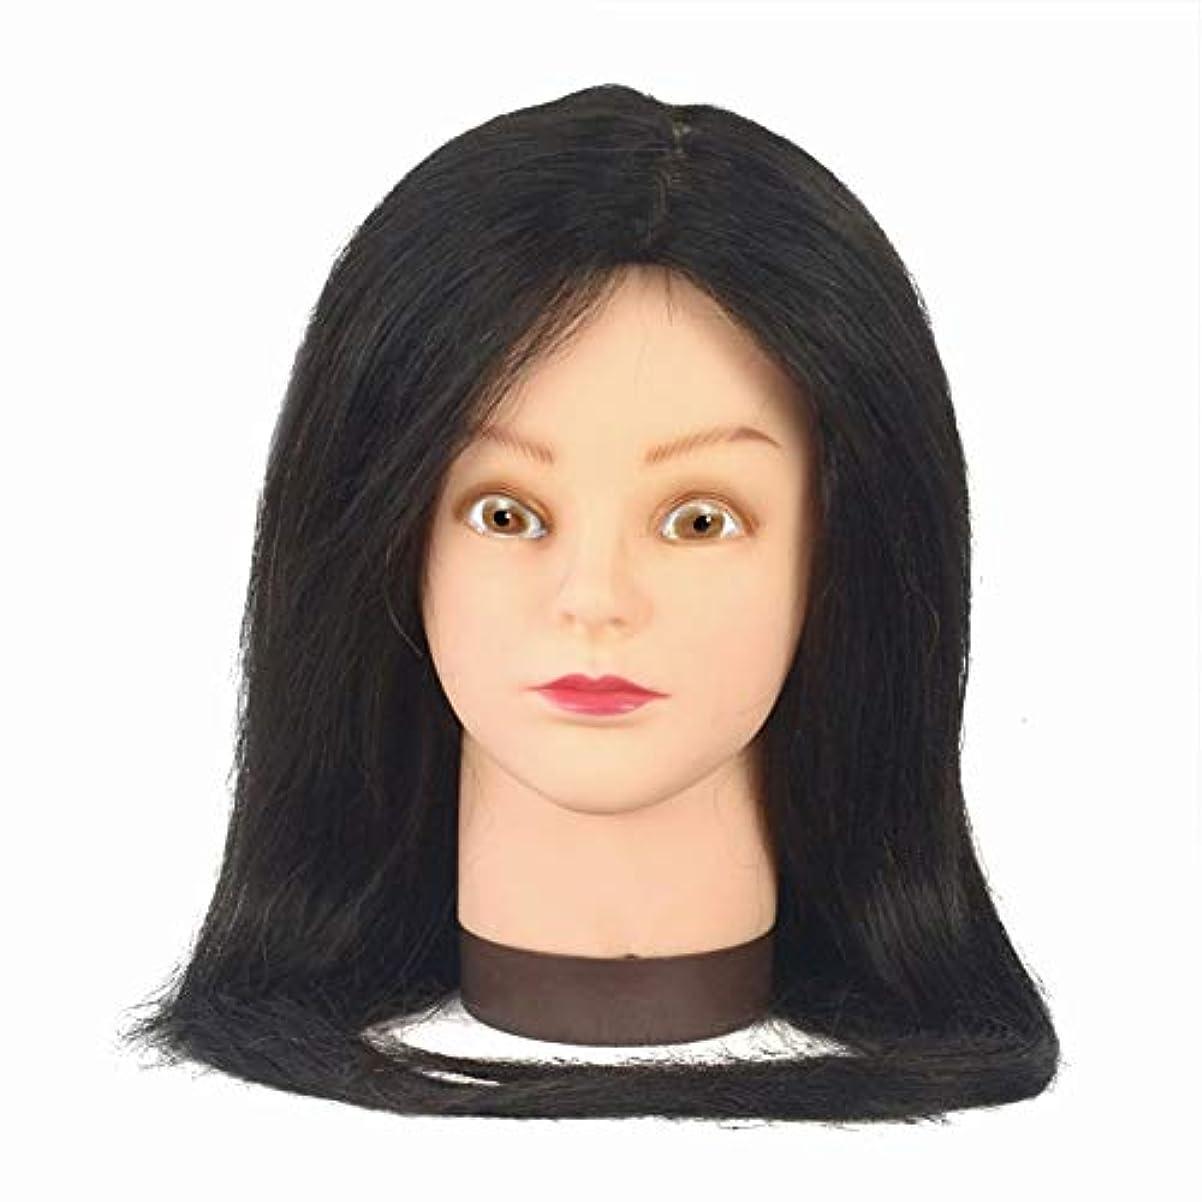 革新理由ペレグリネーション80%リアル人間の髪モデルヘッドサロン学習吹くことができますパーマ髪染めダミーヘッド編集ヘア練習ヘッドモデル,Black